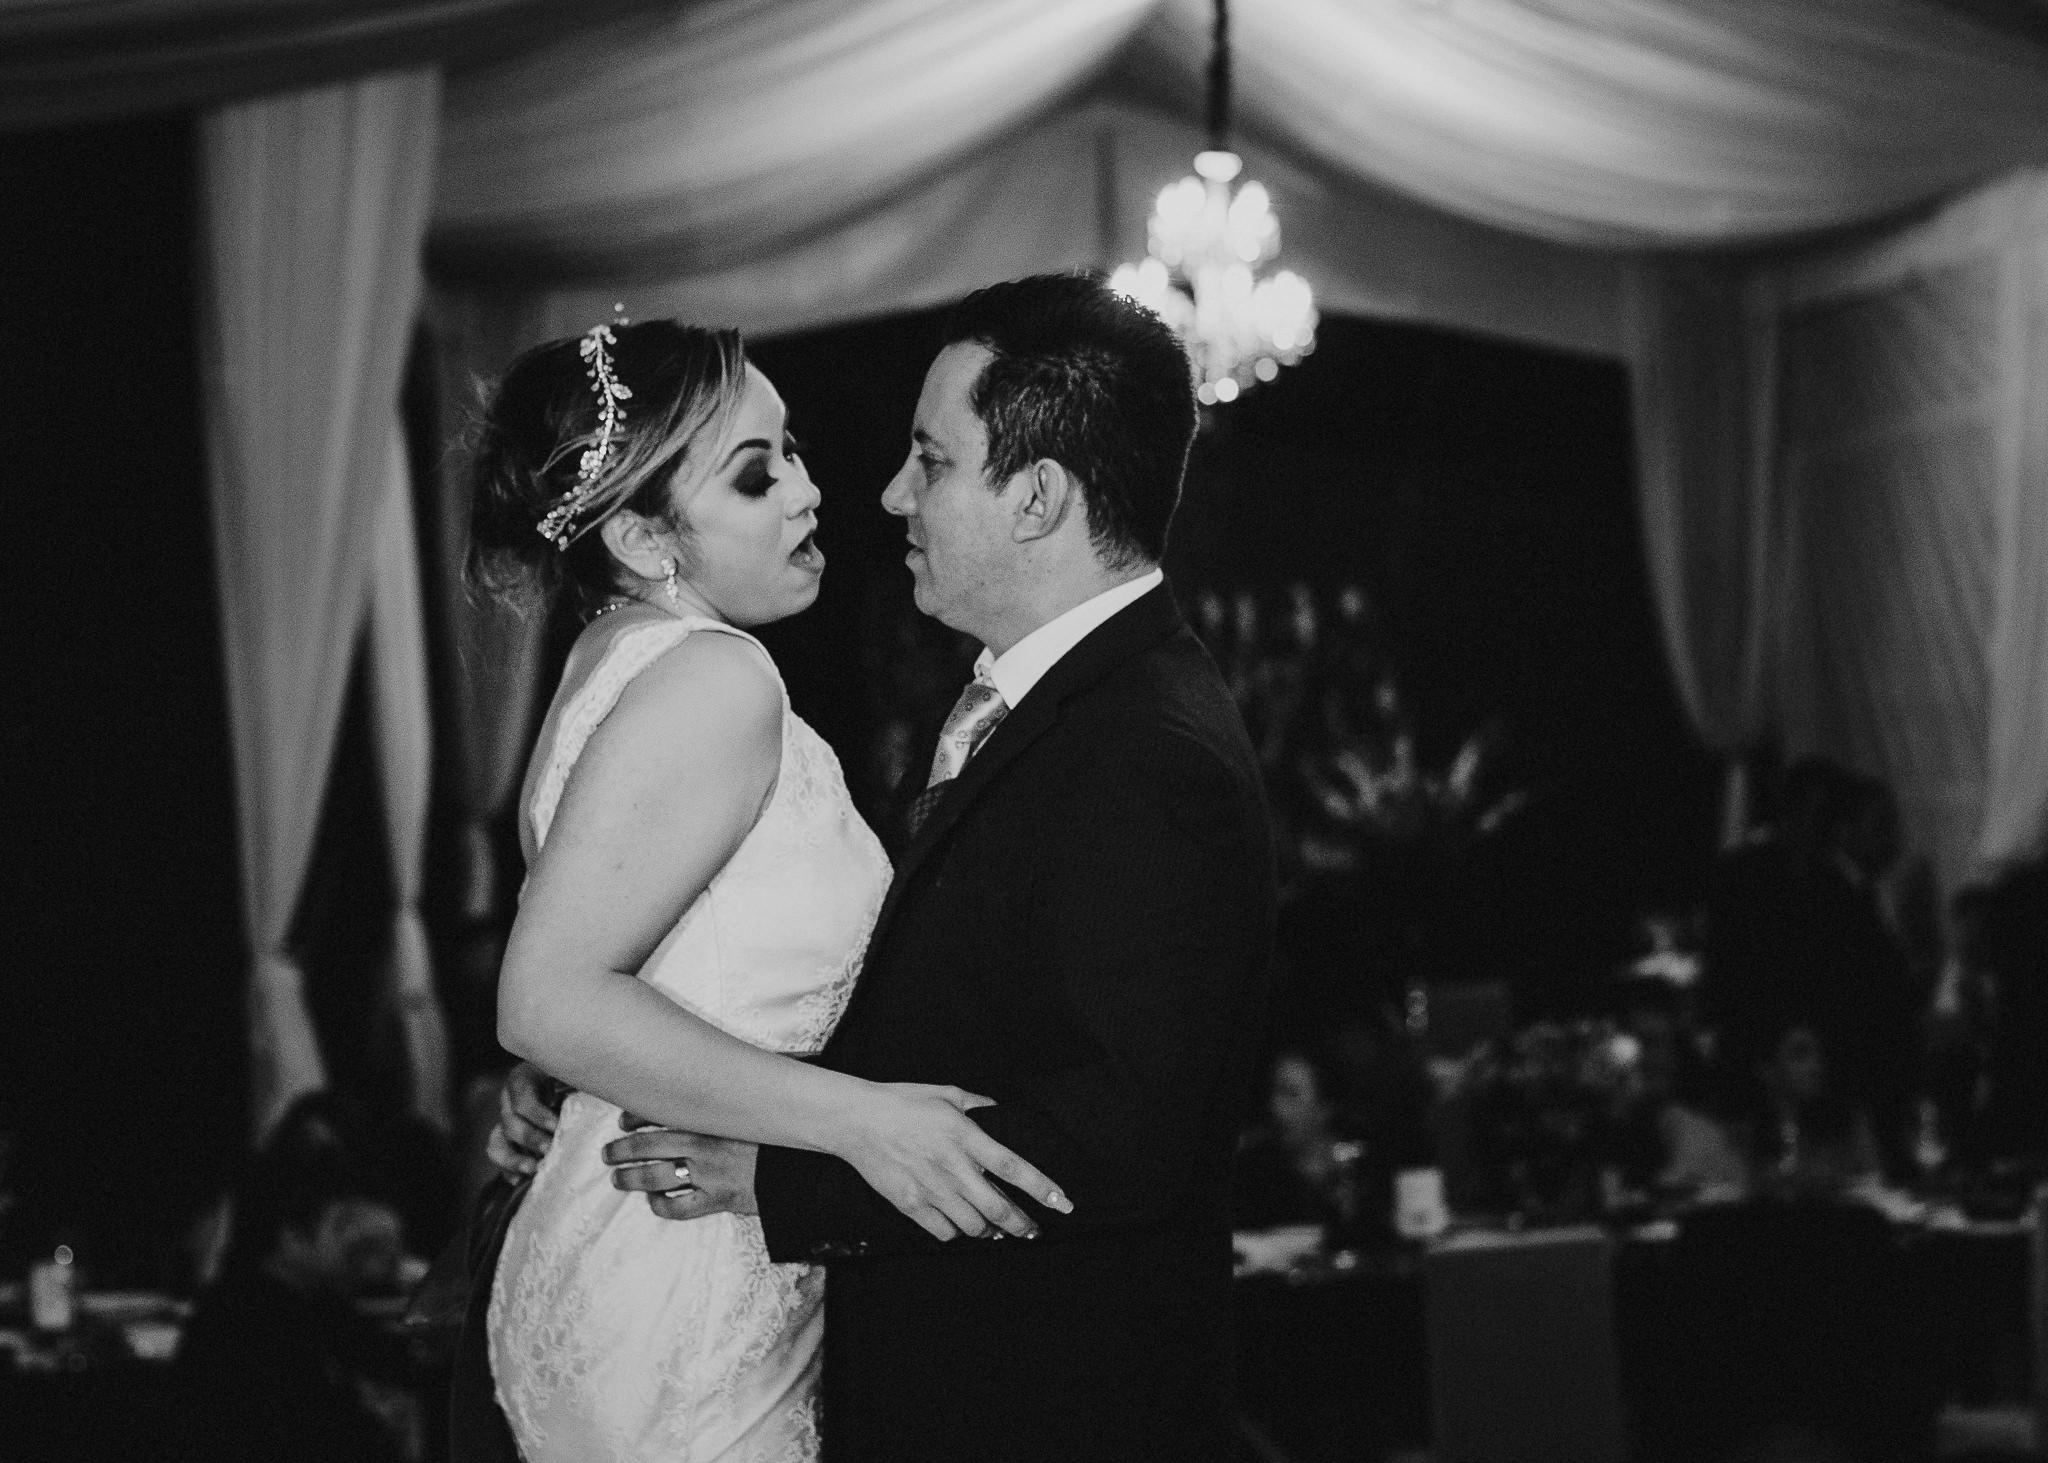 03boda-en-jardin-wedding-hacienda-los-cuartos-fotografo-luis-houdin114